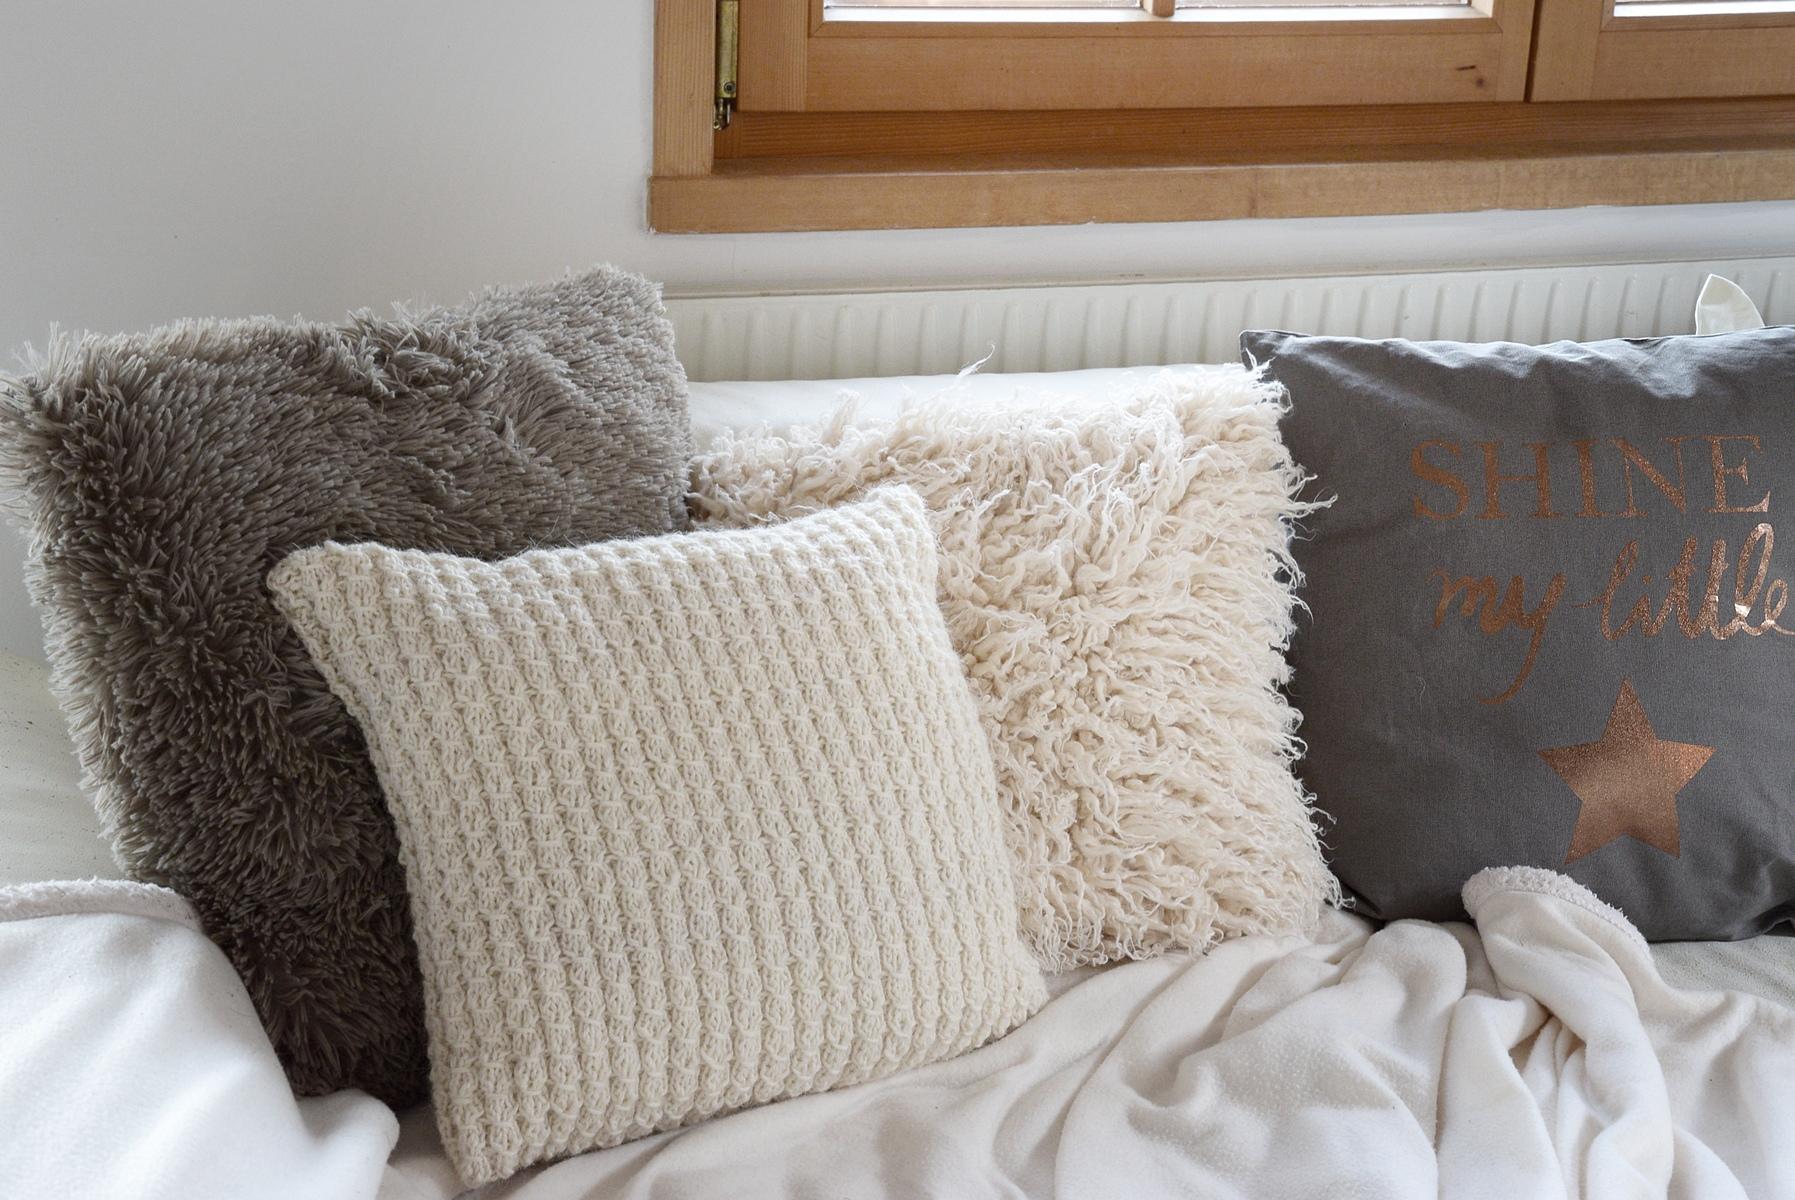 Kuscheliges Wohnzimmer mit Decken und Kissen von DEPOT